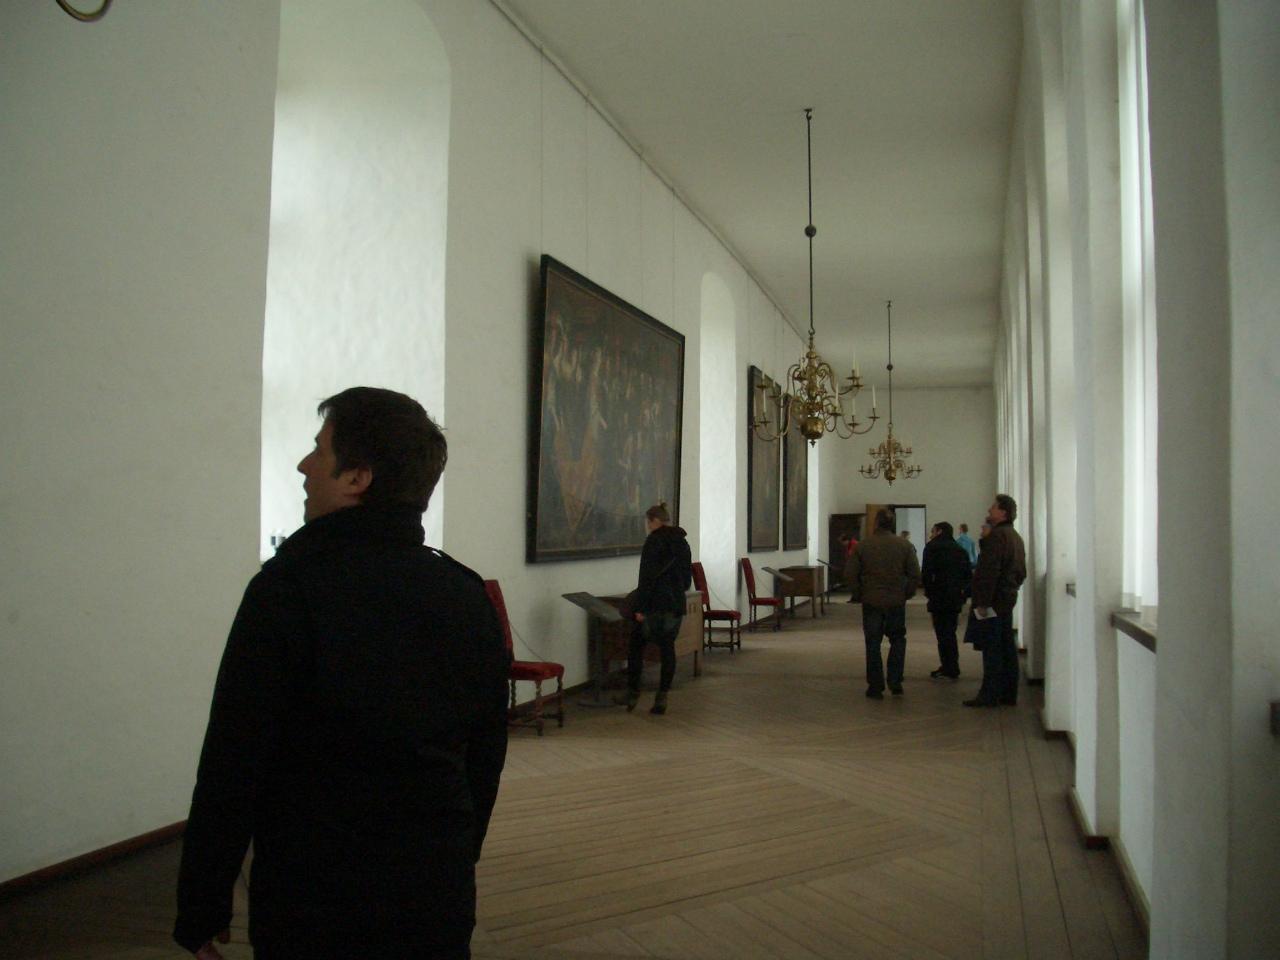 クロンボー城 (Kronborg castle)_a0159707_5525811.jpg